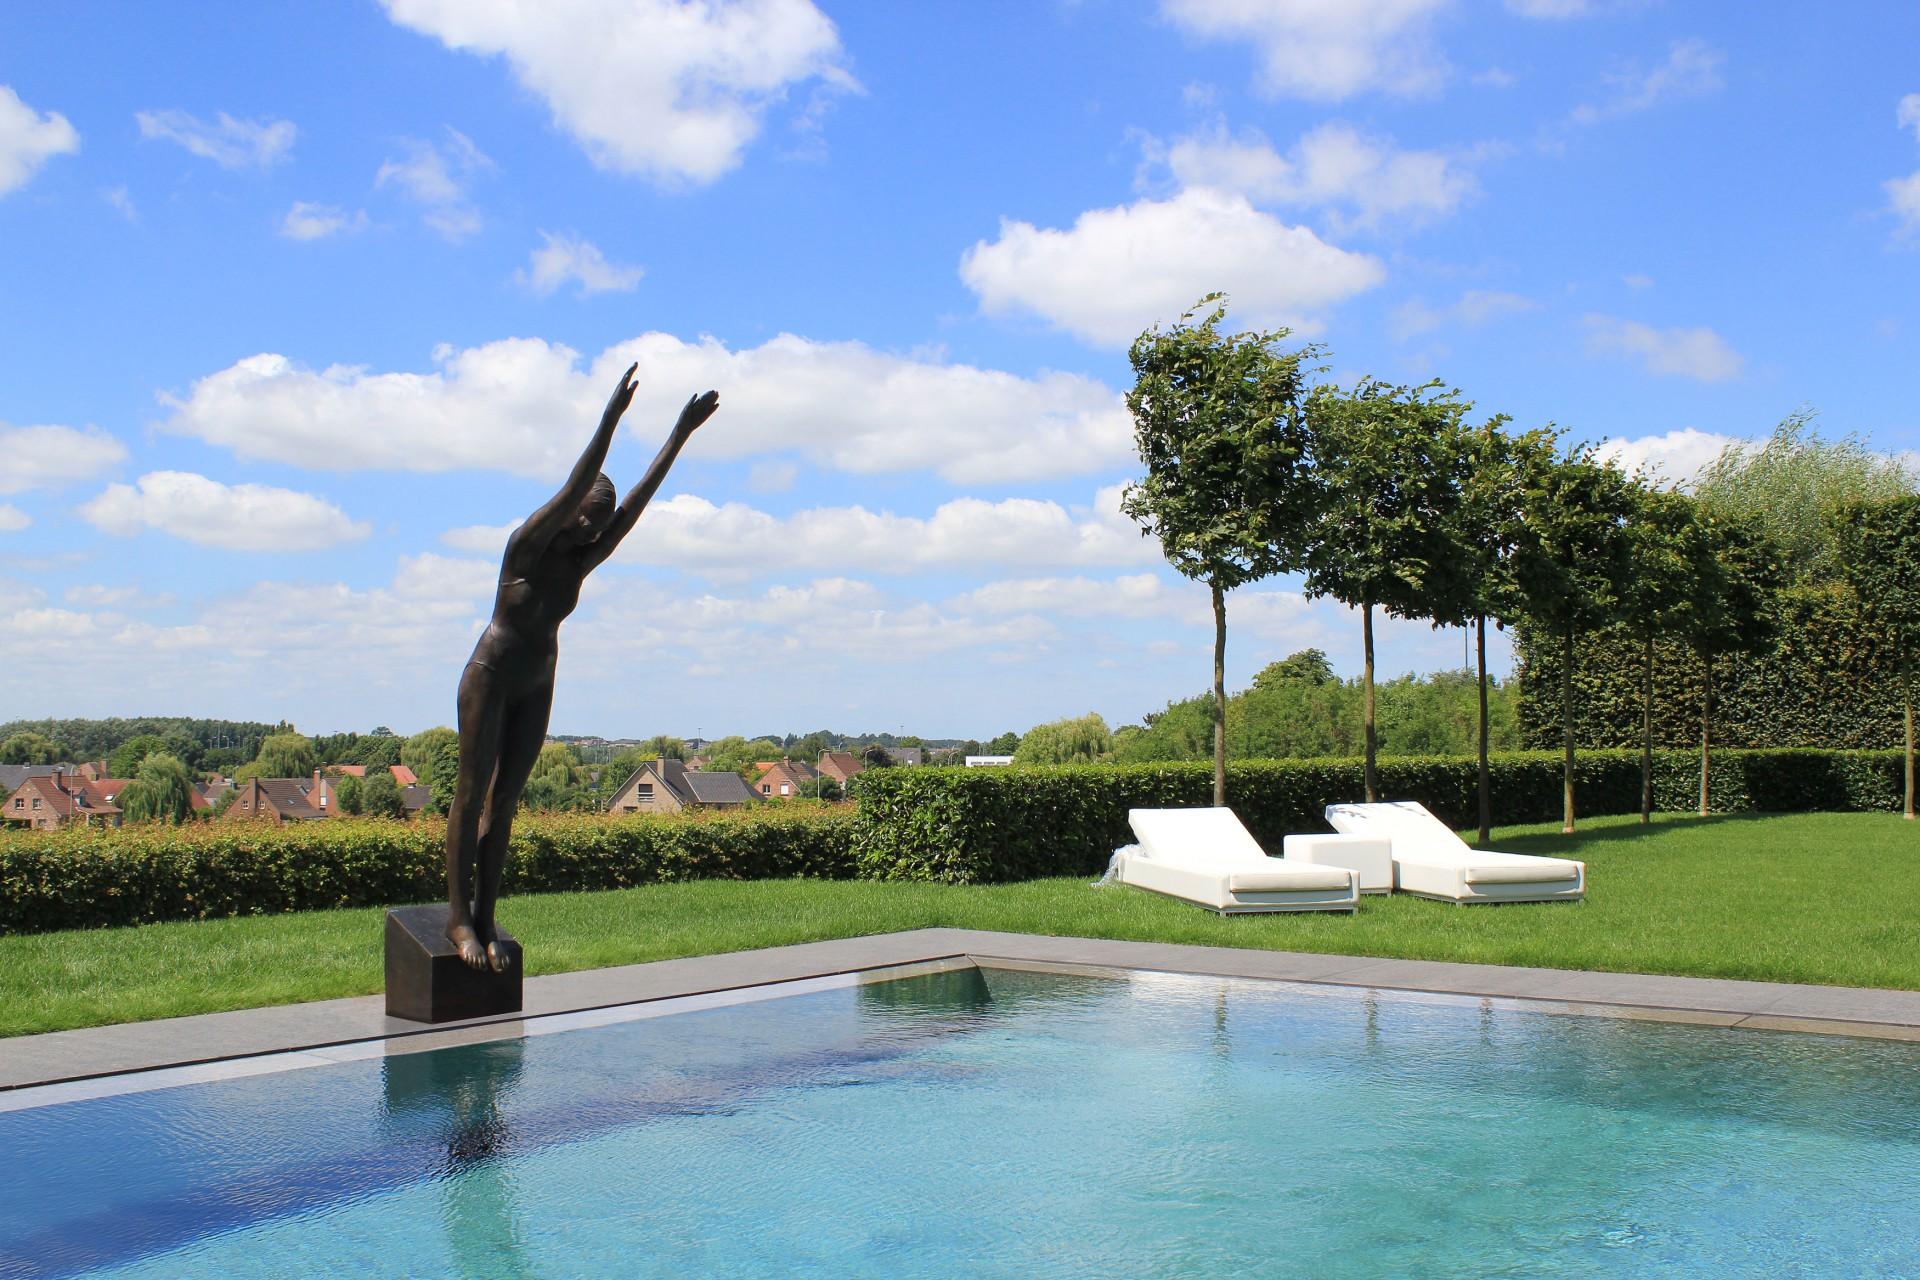 Kunst aan het zwembad, duikster